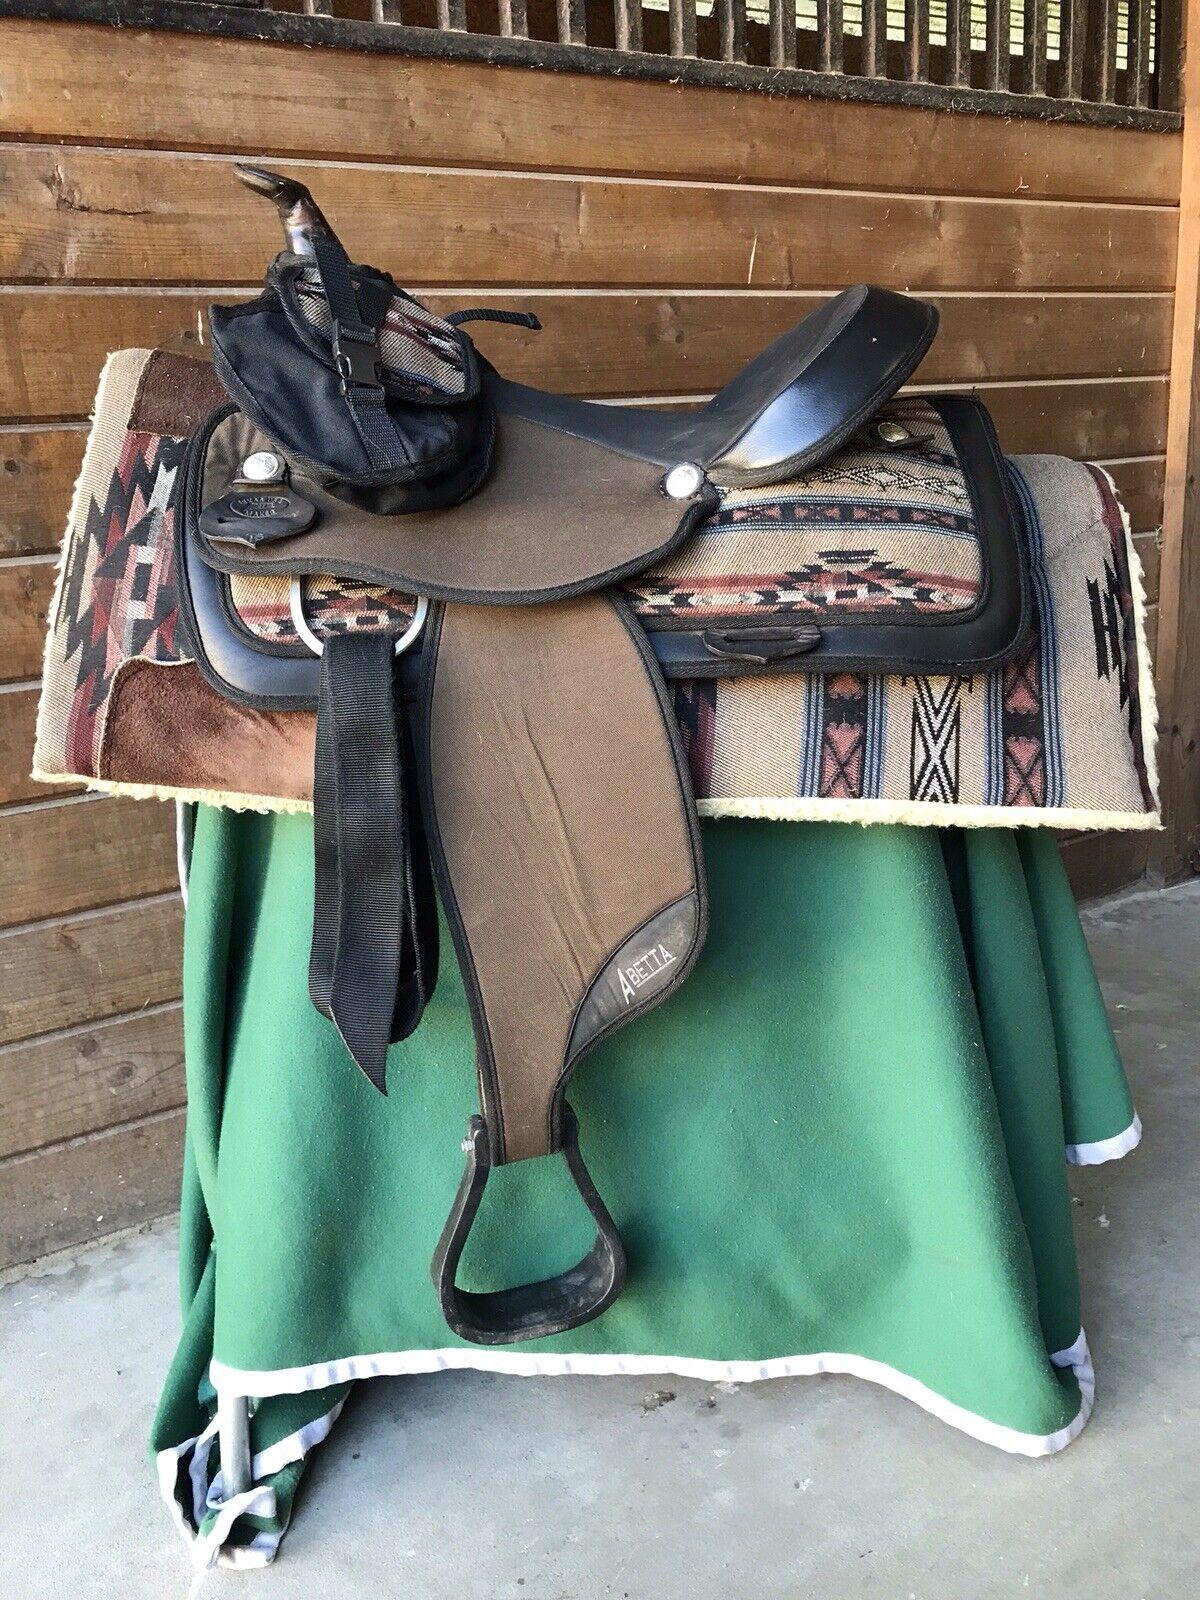 Fqhb Abetta 16  silla Occidental Bronceado & Navajo Con  Almohadilla & Bolsa De Cuerno  punto de venta barato